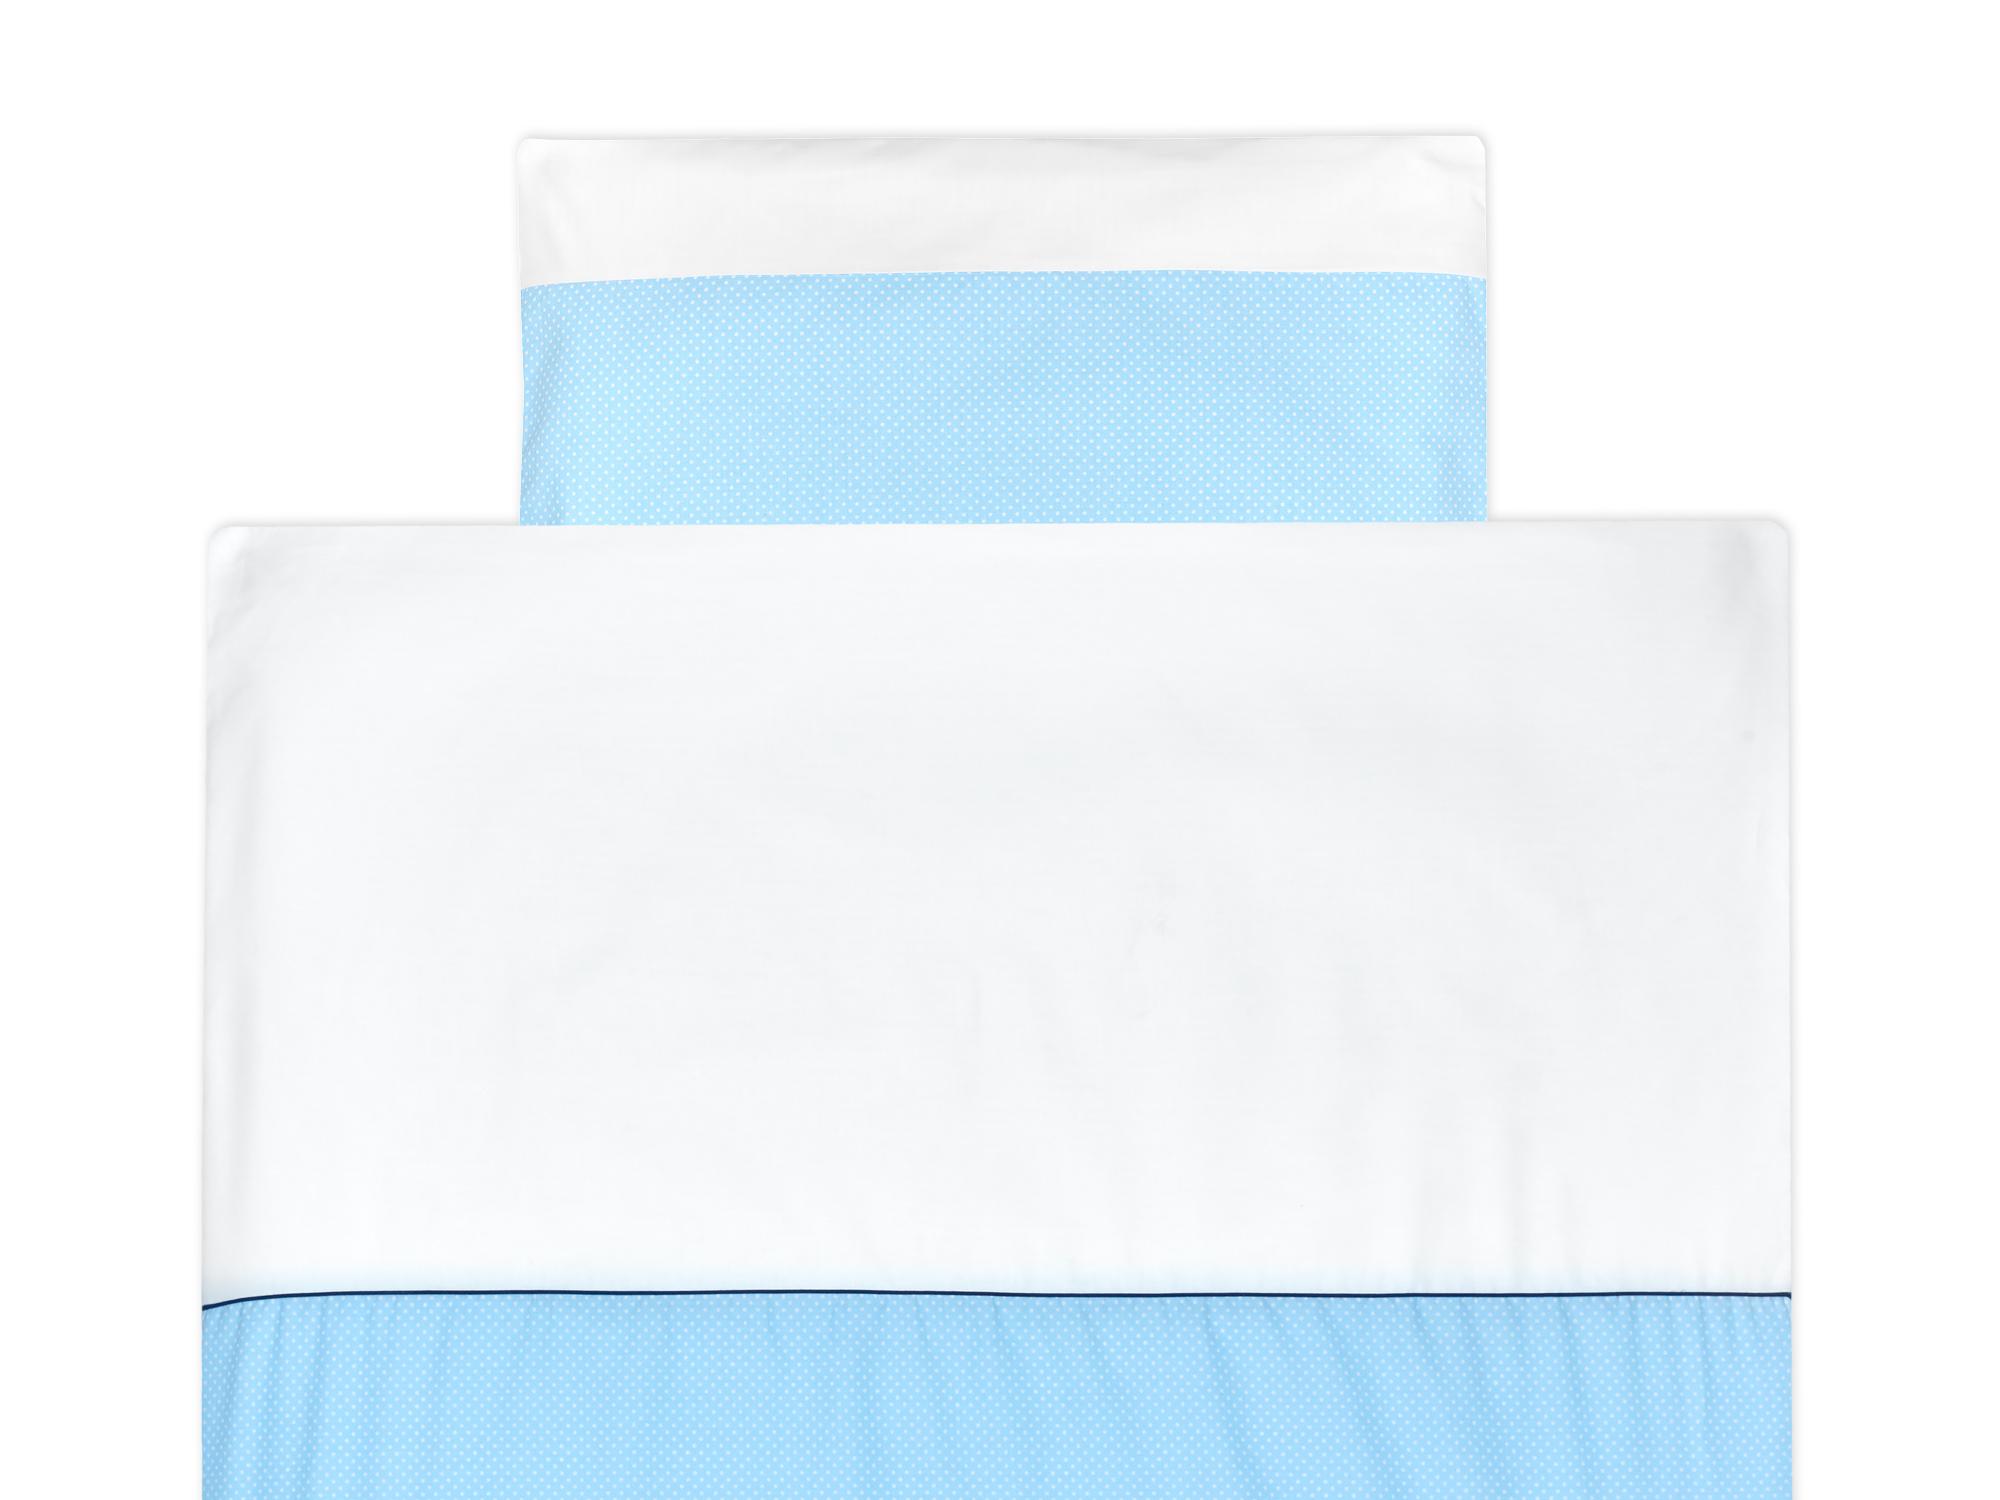 KraftKids Bettwäscheset Uniweiss und weiße Punkte auf Hellblau 100 x 135 cm, Kissen 40 x 60 cm